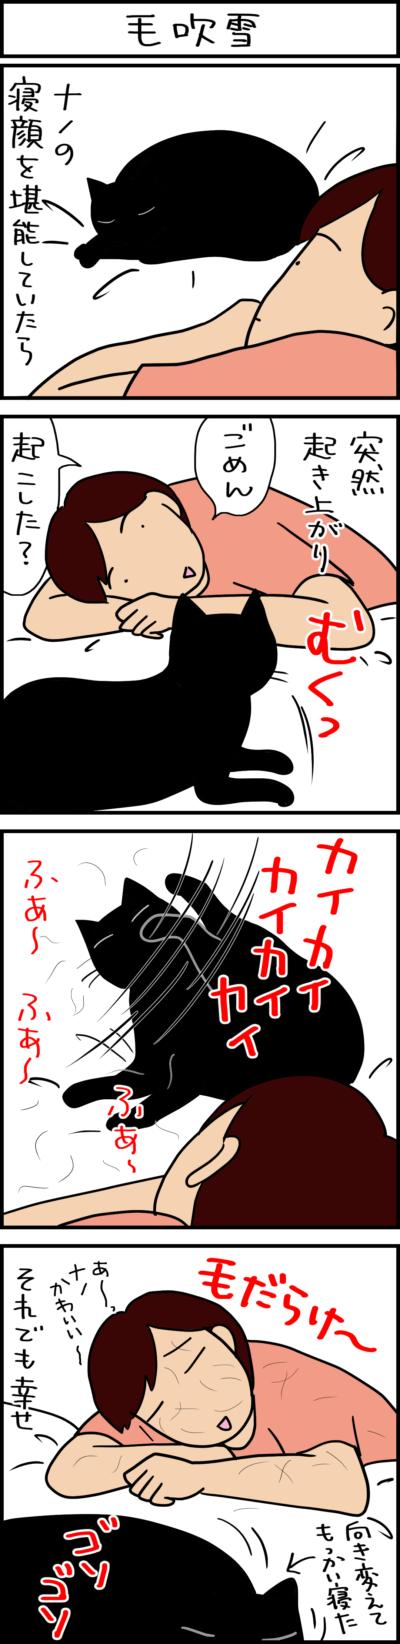 毛だらけになっても幸せな4コマ猫漫画